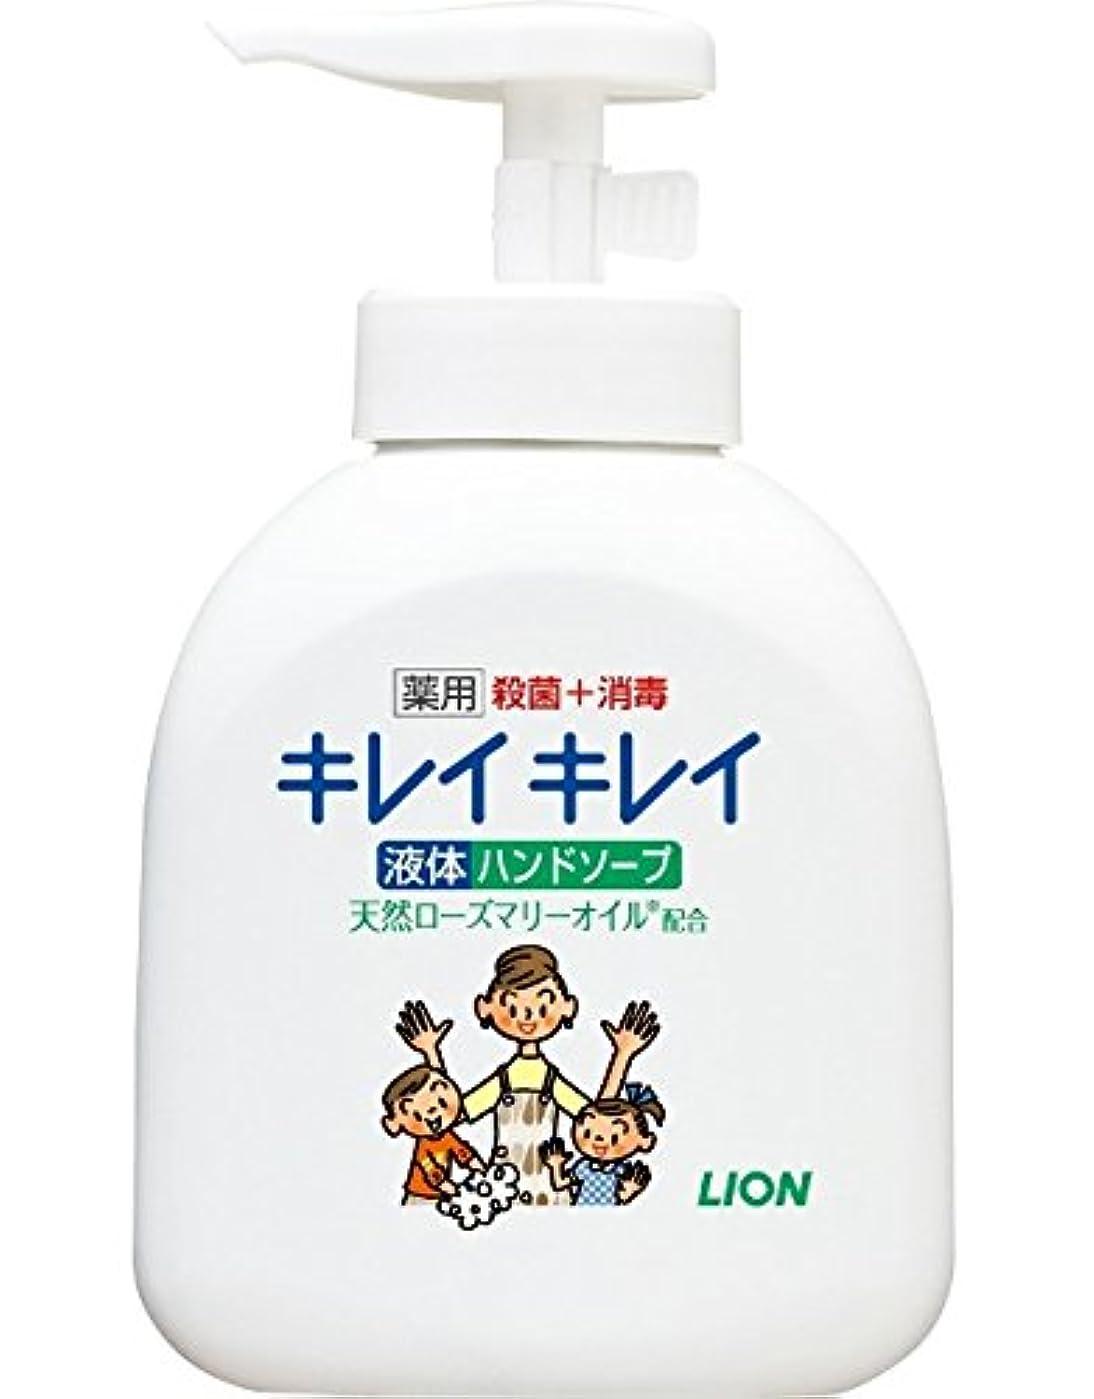 地平線キルト回復キレイキレイ 薬用 液体ハンドソープ 本体ポンプ 250ml(医薬部外品)